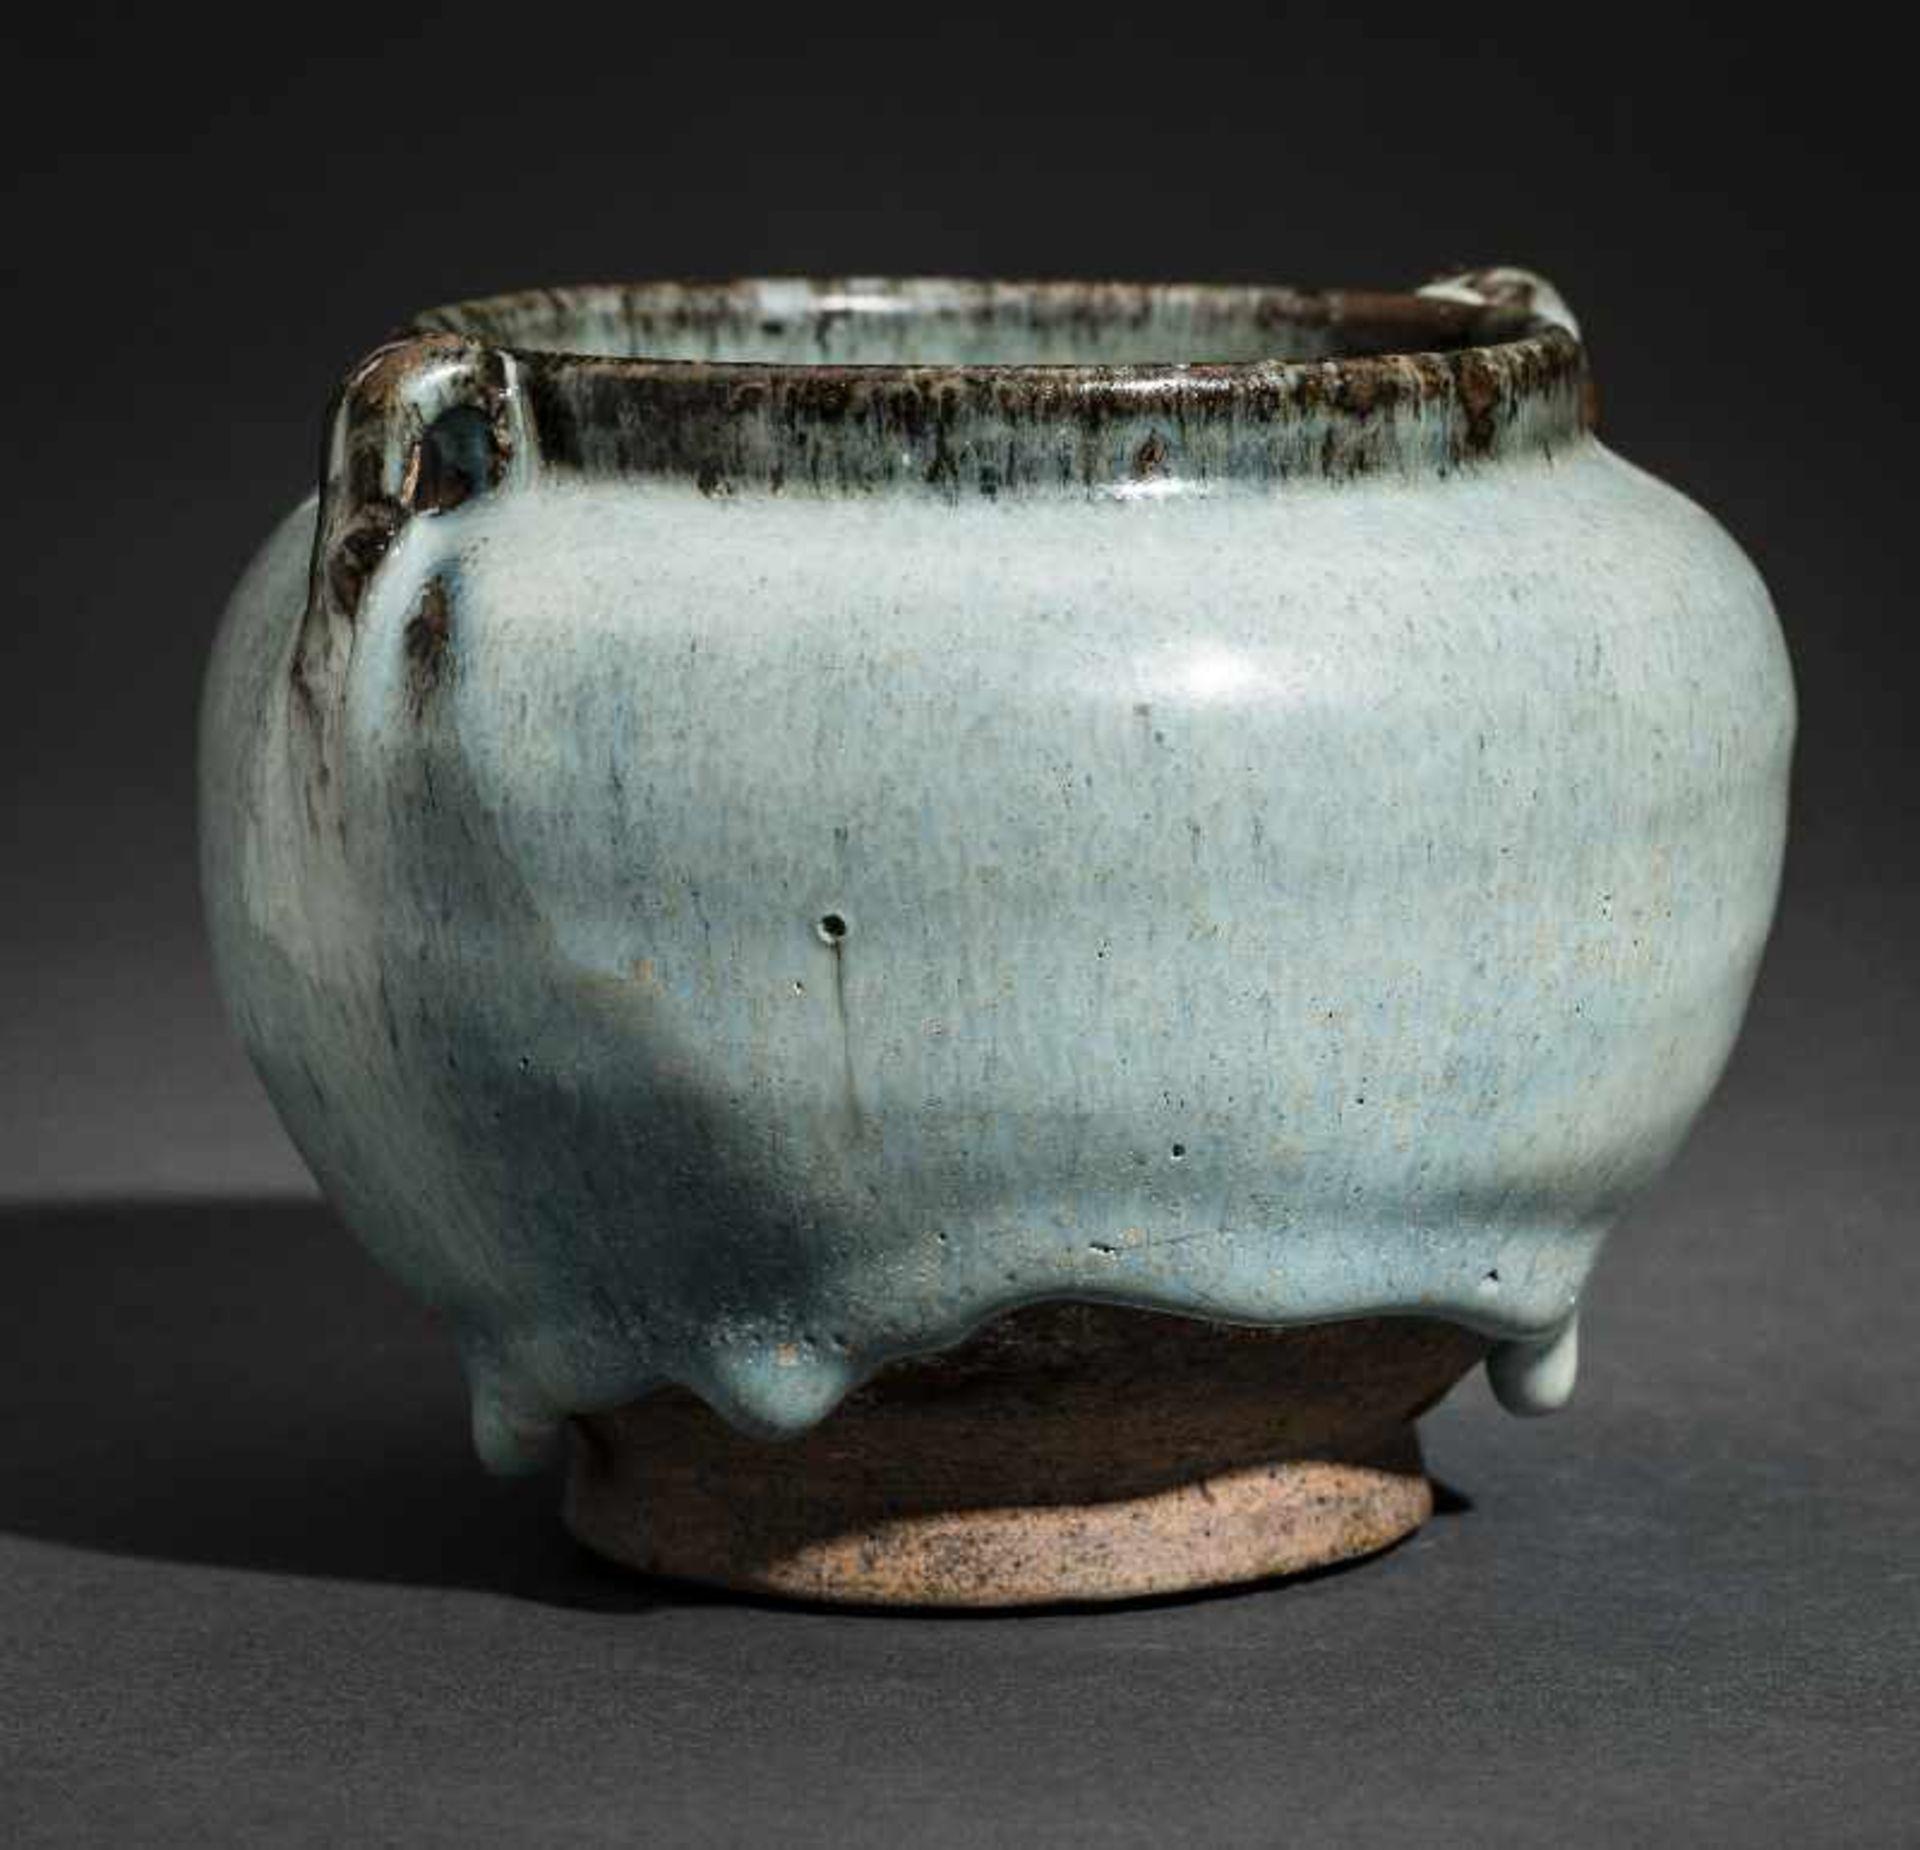 SCHULTERTOPF JUNYAO Glasierte Keramik. China, Yuan bis Ming, ca. 14. bis 15. Jh. Sehr - Image 2 of 8